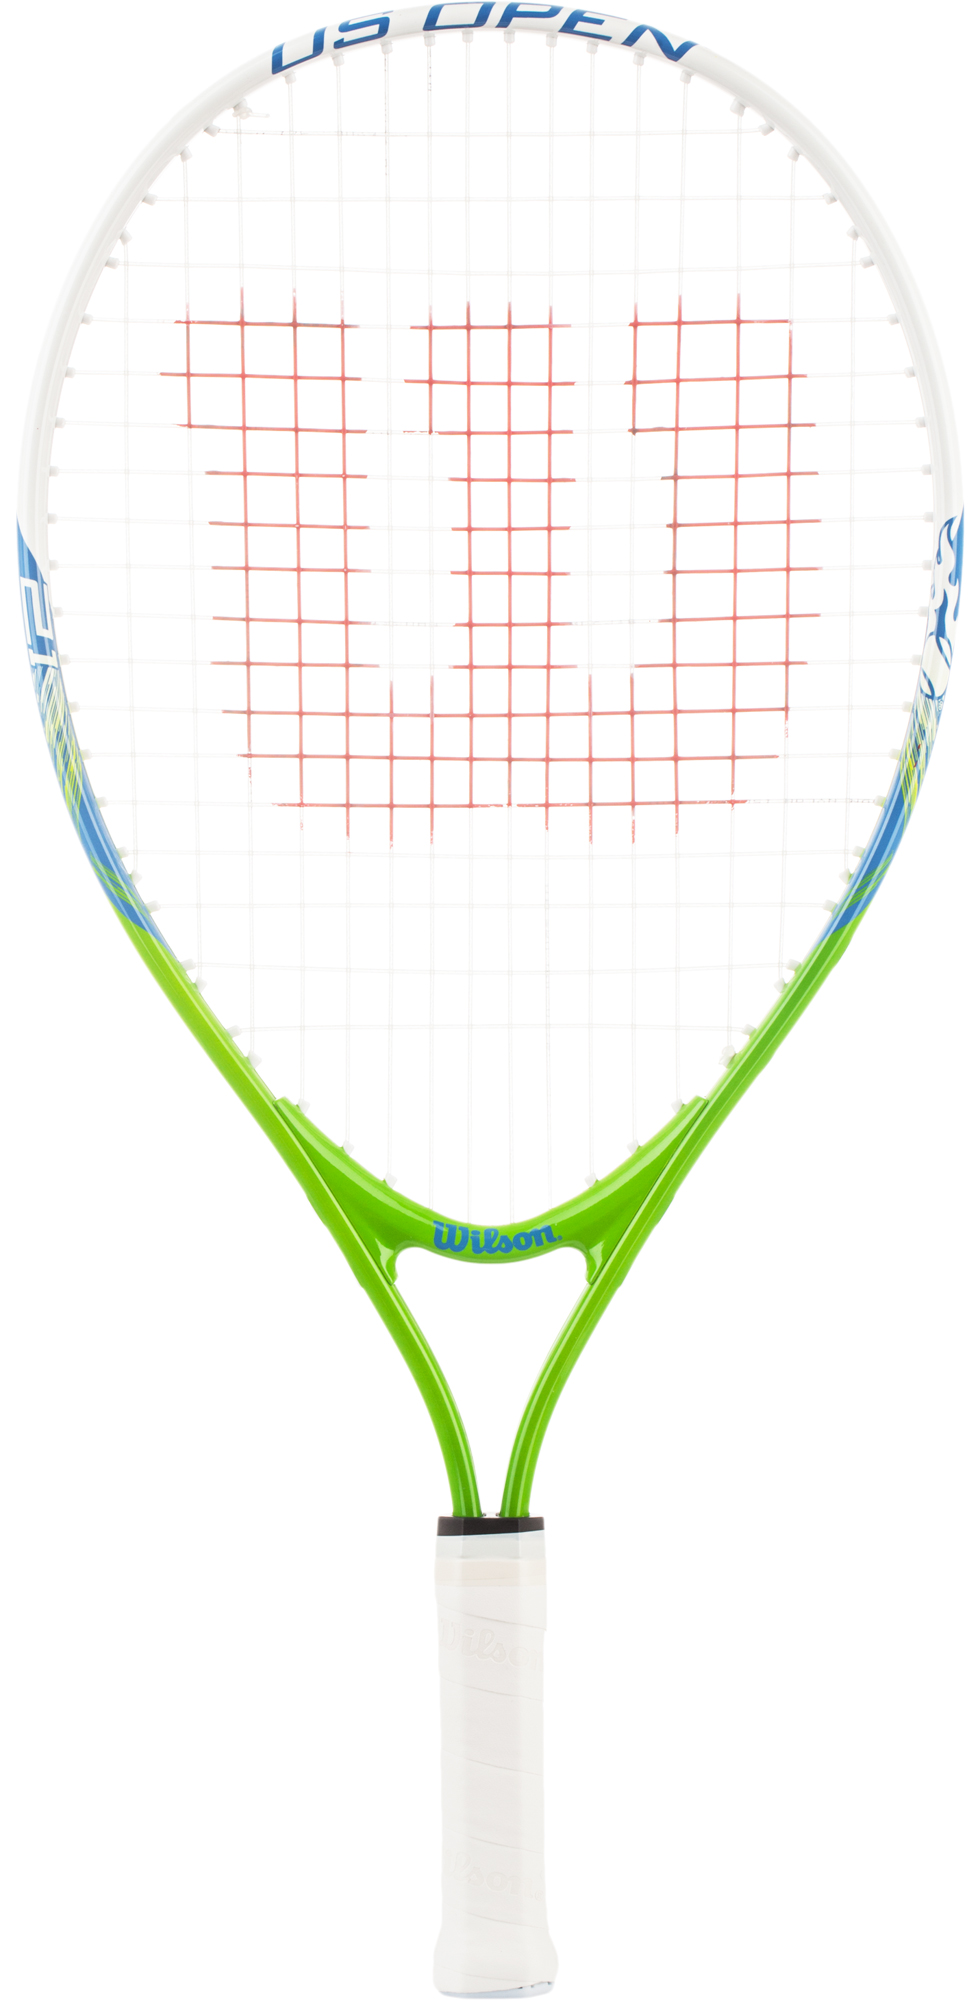 Wilson Ракетка для большого тенниса детская Wilson US Open 21 wilson ракетка для большого тенниса детская wilson roger federer 23 размер без размера